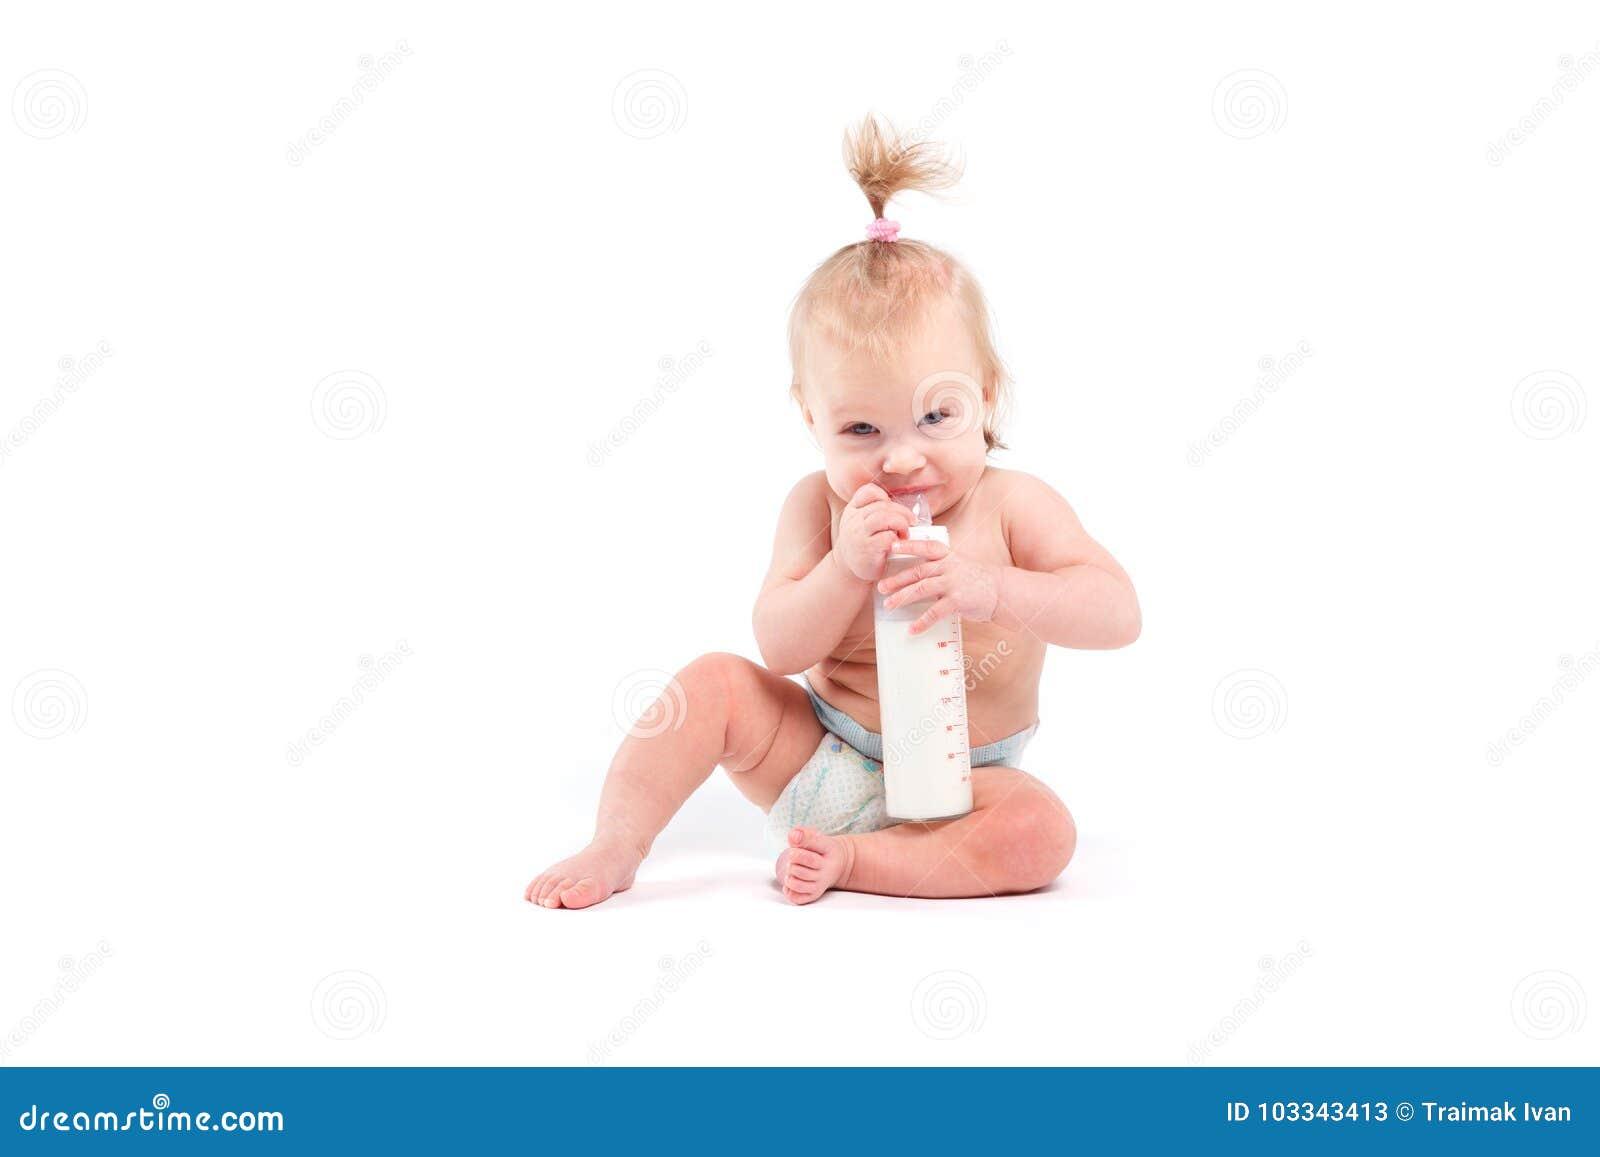 Śliczna ładna dziewczynka w białej pieluszka chwyta butelce